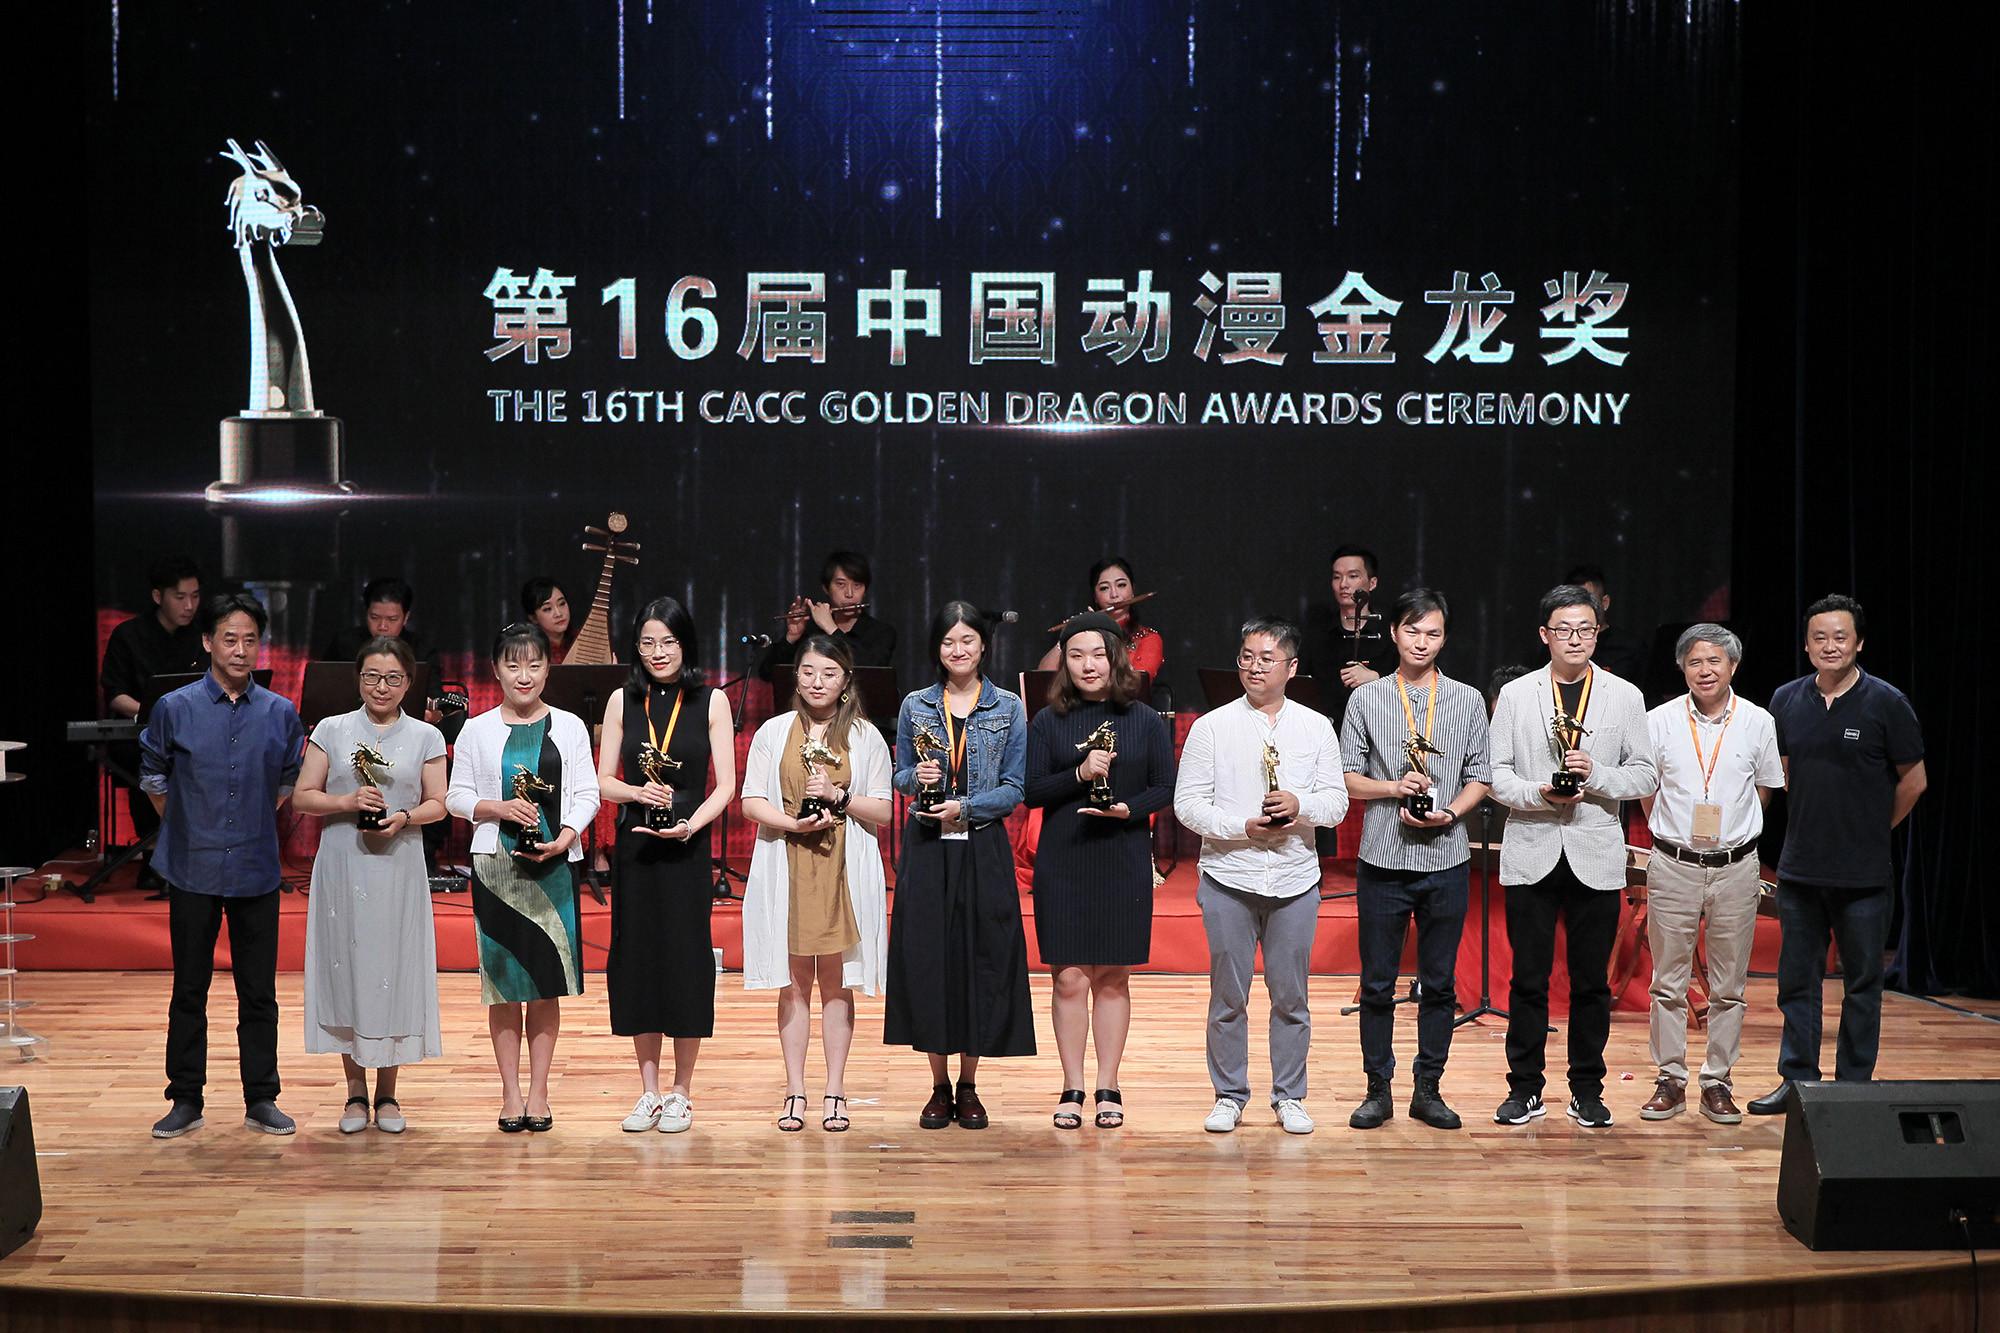 第十二届中国国际漫画节盛大开幕 《哪吒之魔童降世》获动漫奥斯卡金龙奖四大奖项 原创专区-第3张